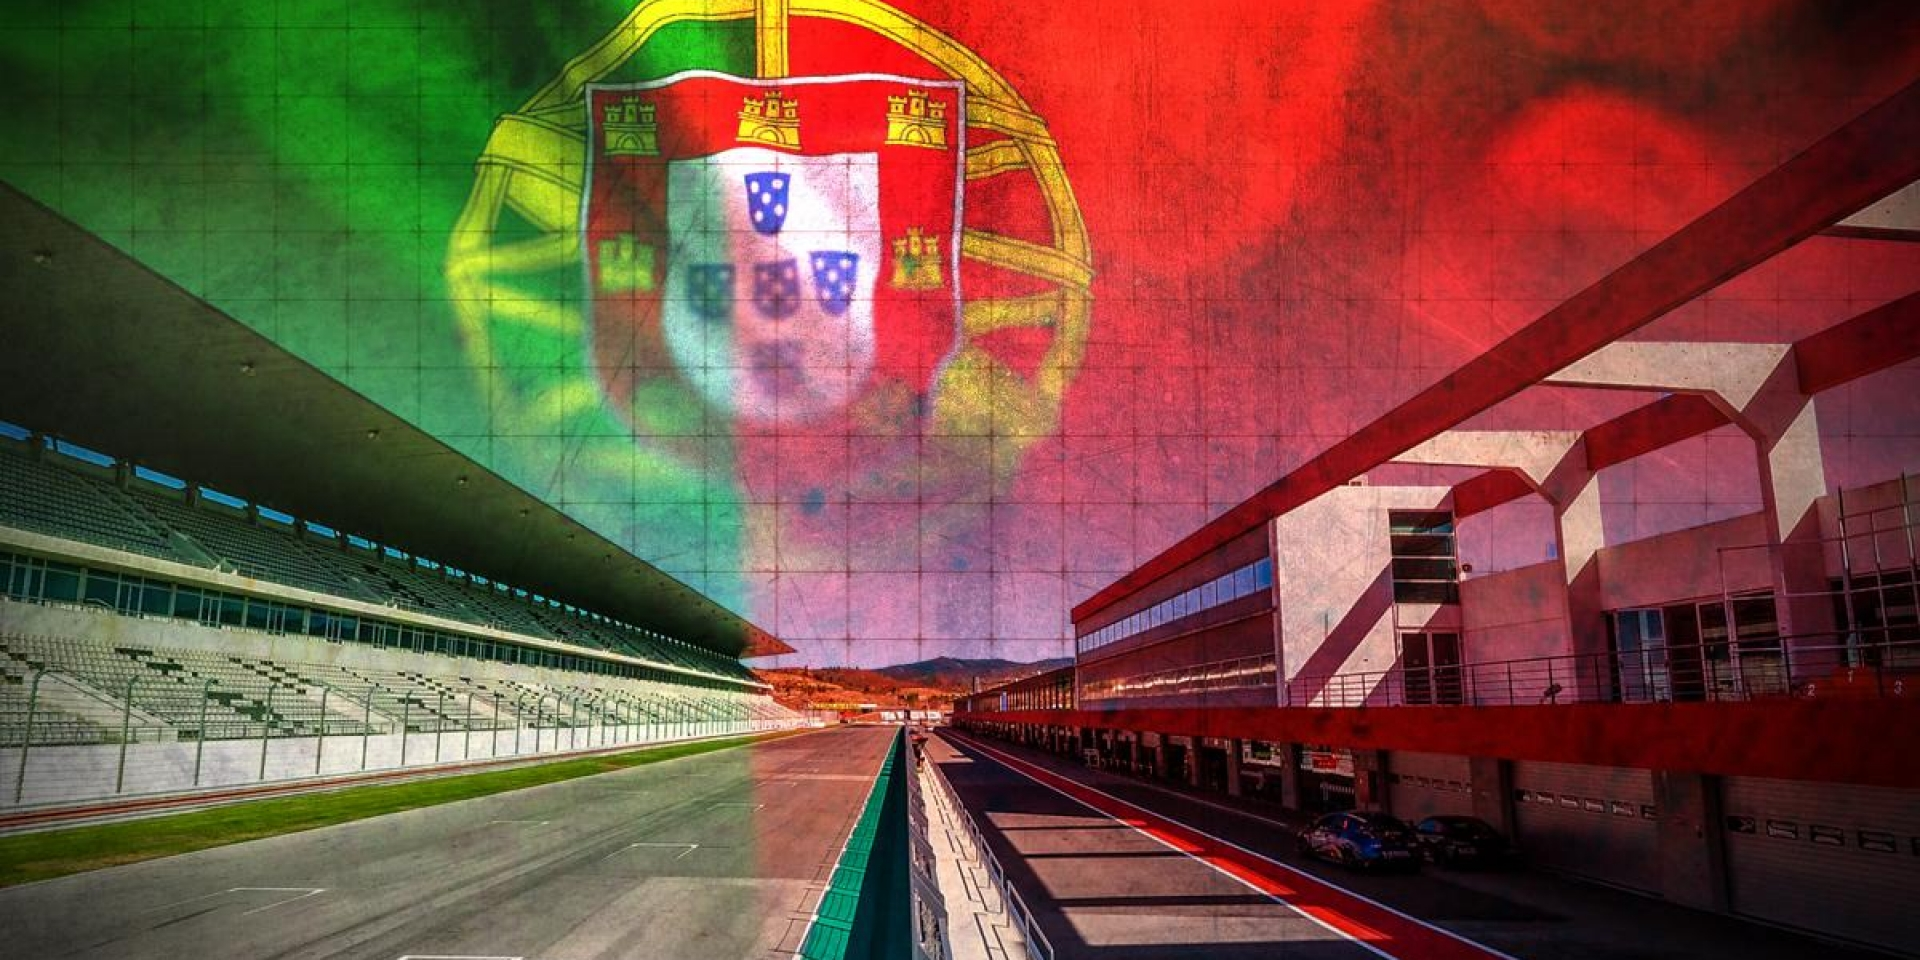 確診病例激增!葡萄牙Portimao收官之戰面臨可能取消危機!